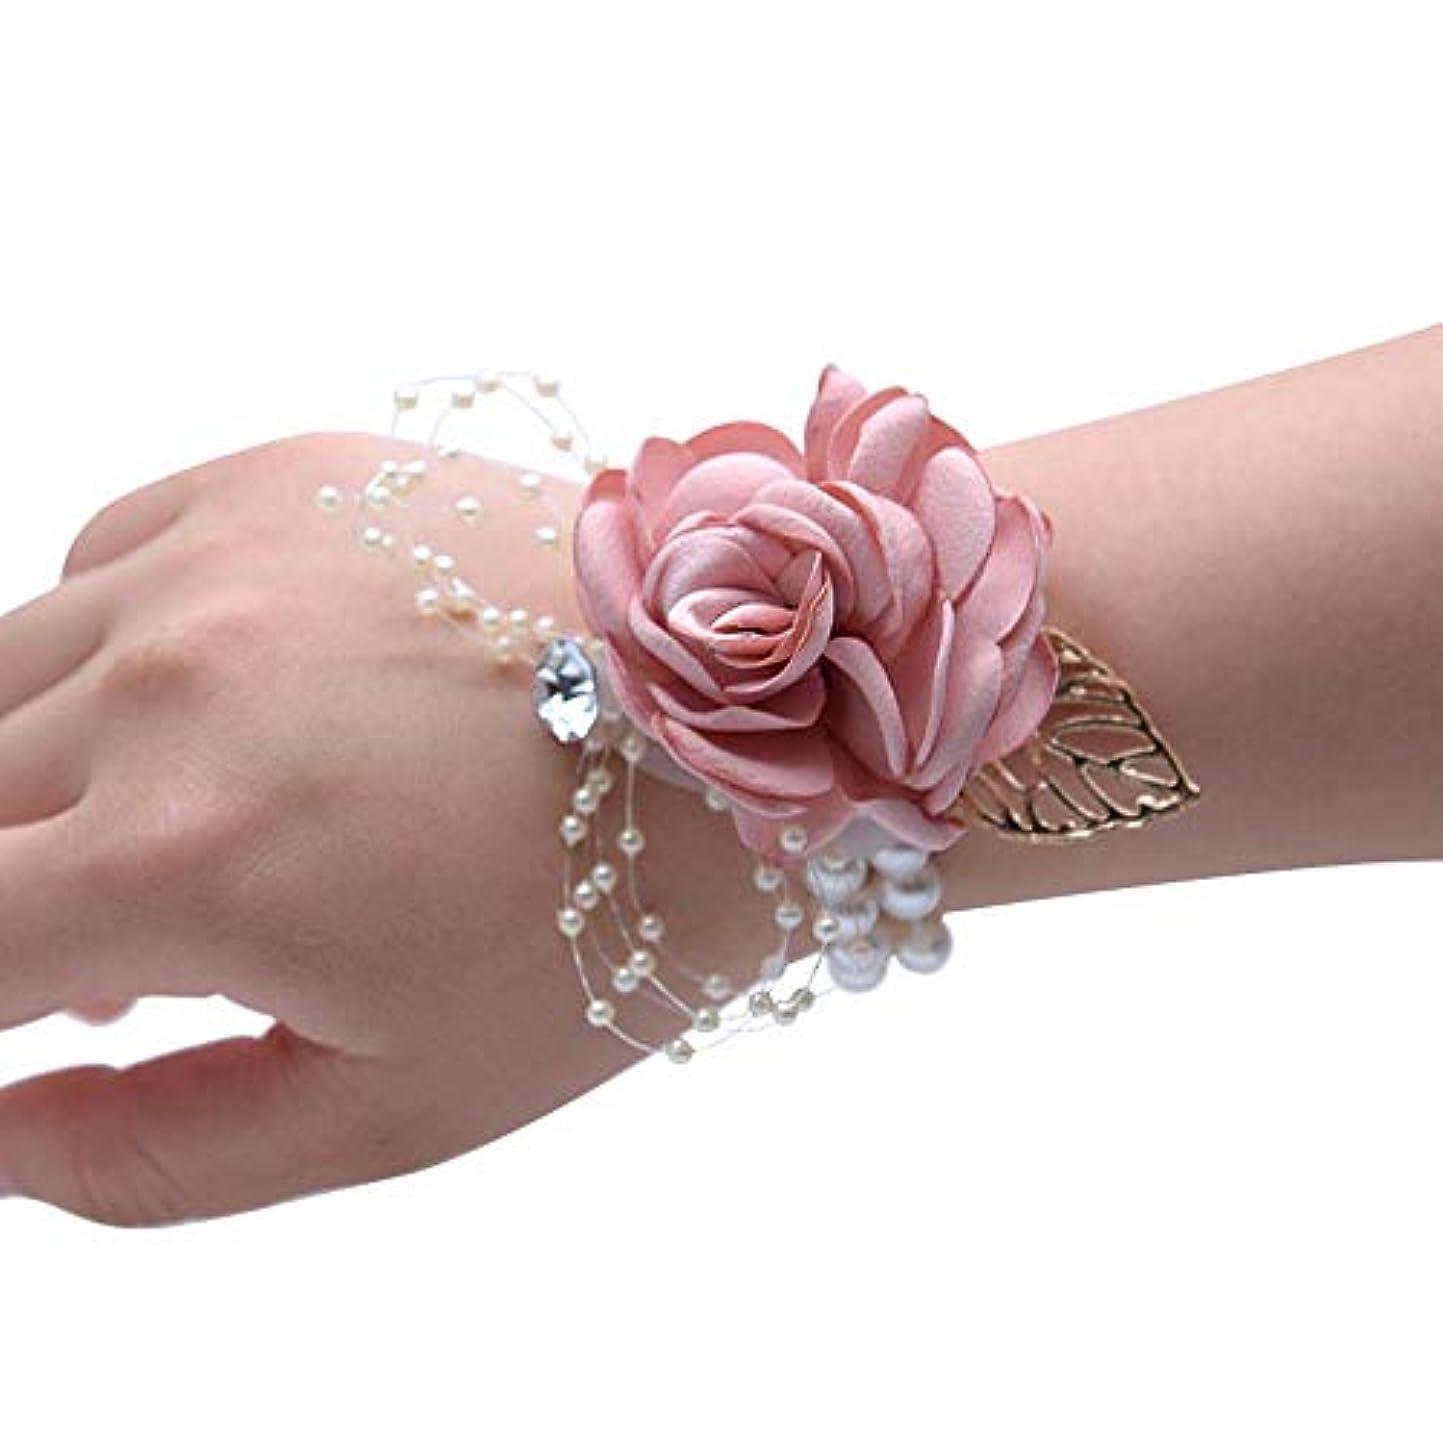 アラブジョージハンブリー許可するMerssavo 手首の花 - 女の子チャーム手首コサージュブレスレット花嫁介添人姉妹の手の花のどの真珠の結婚式、ピンク